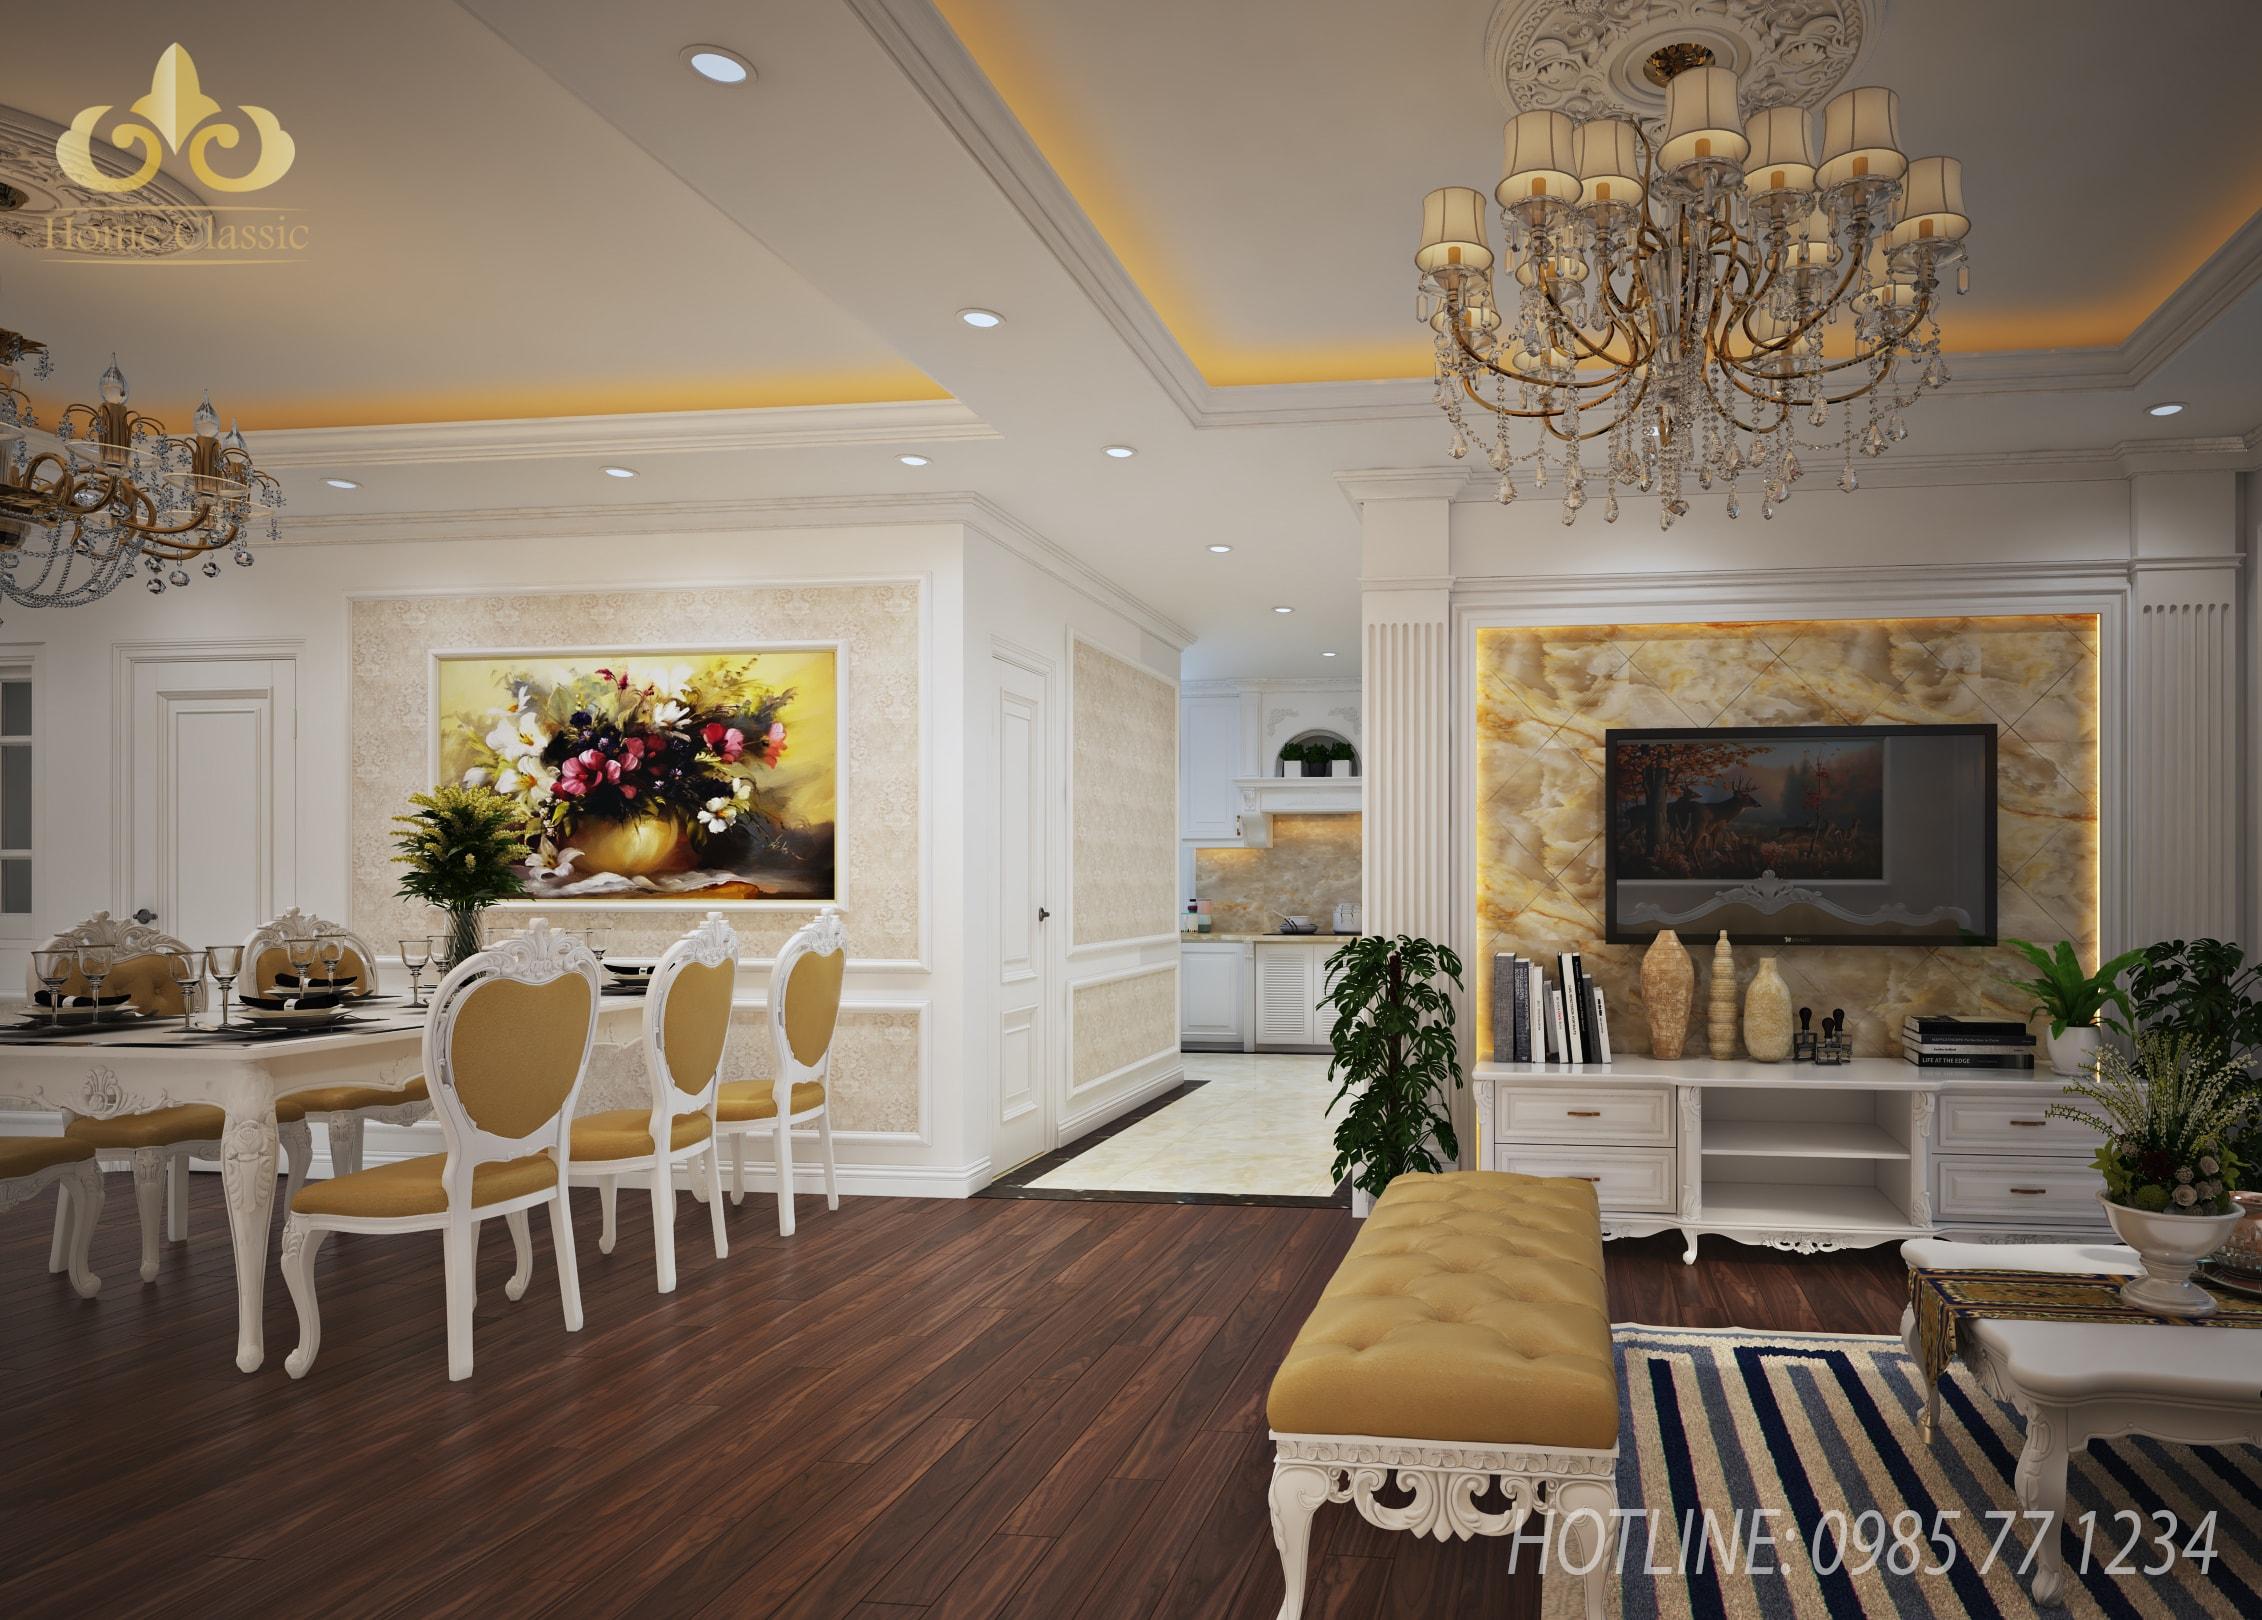 Thiết kế nội thất tân cổ điển chung cư cao cấp 2411